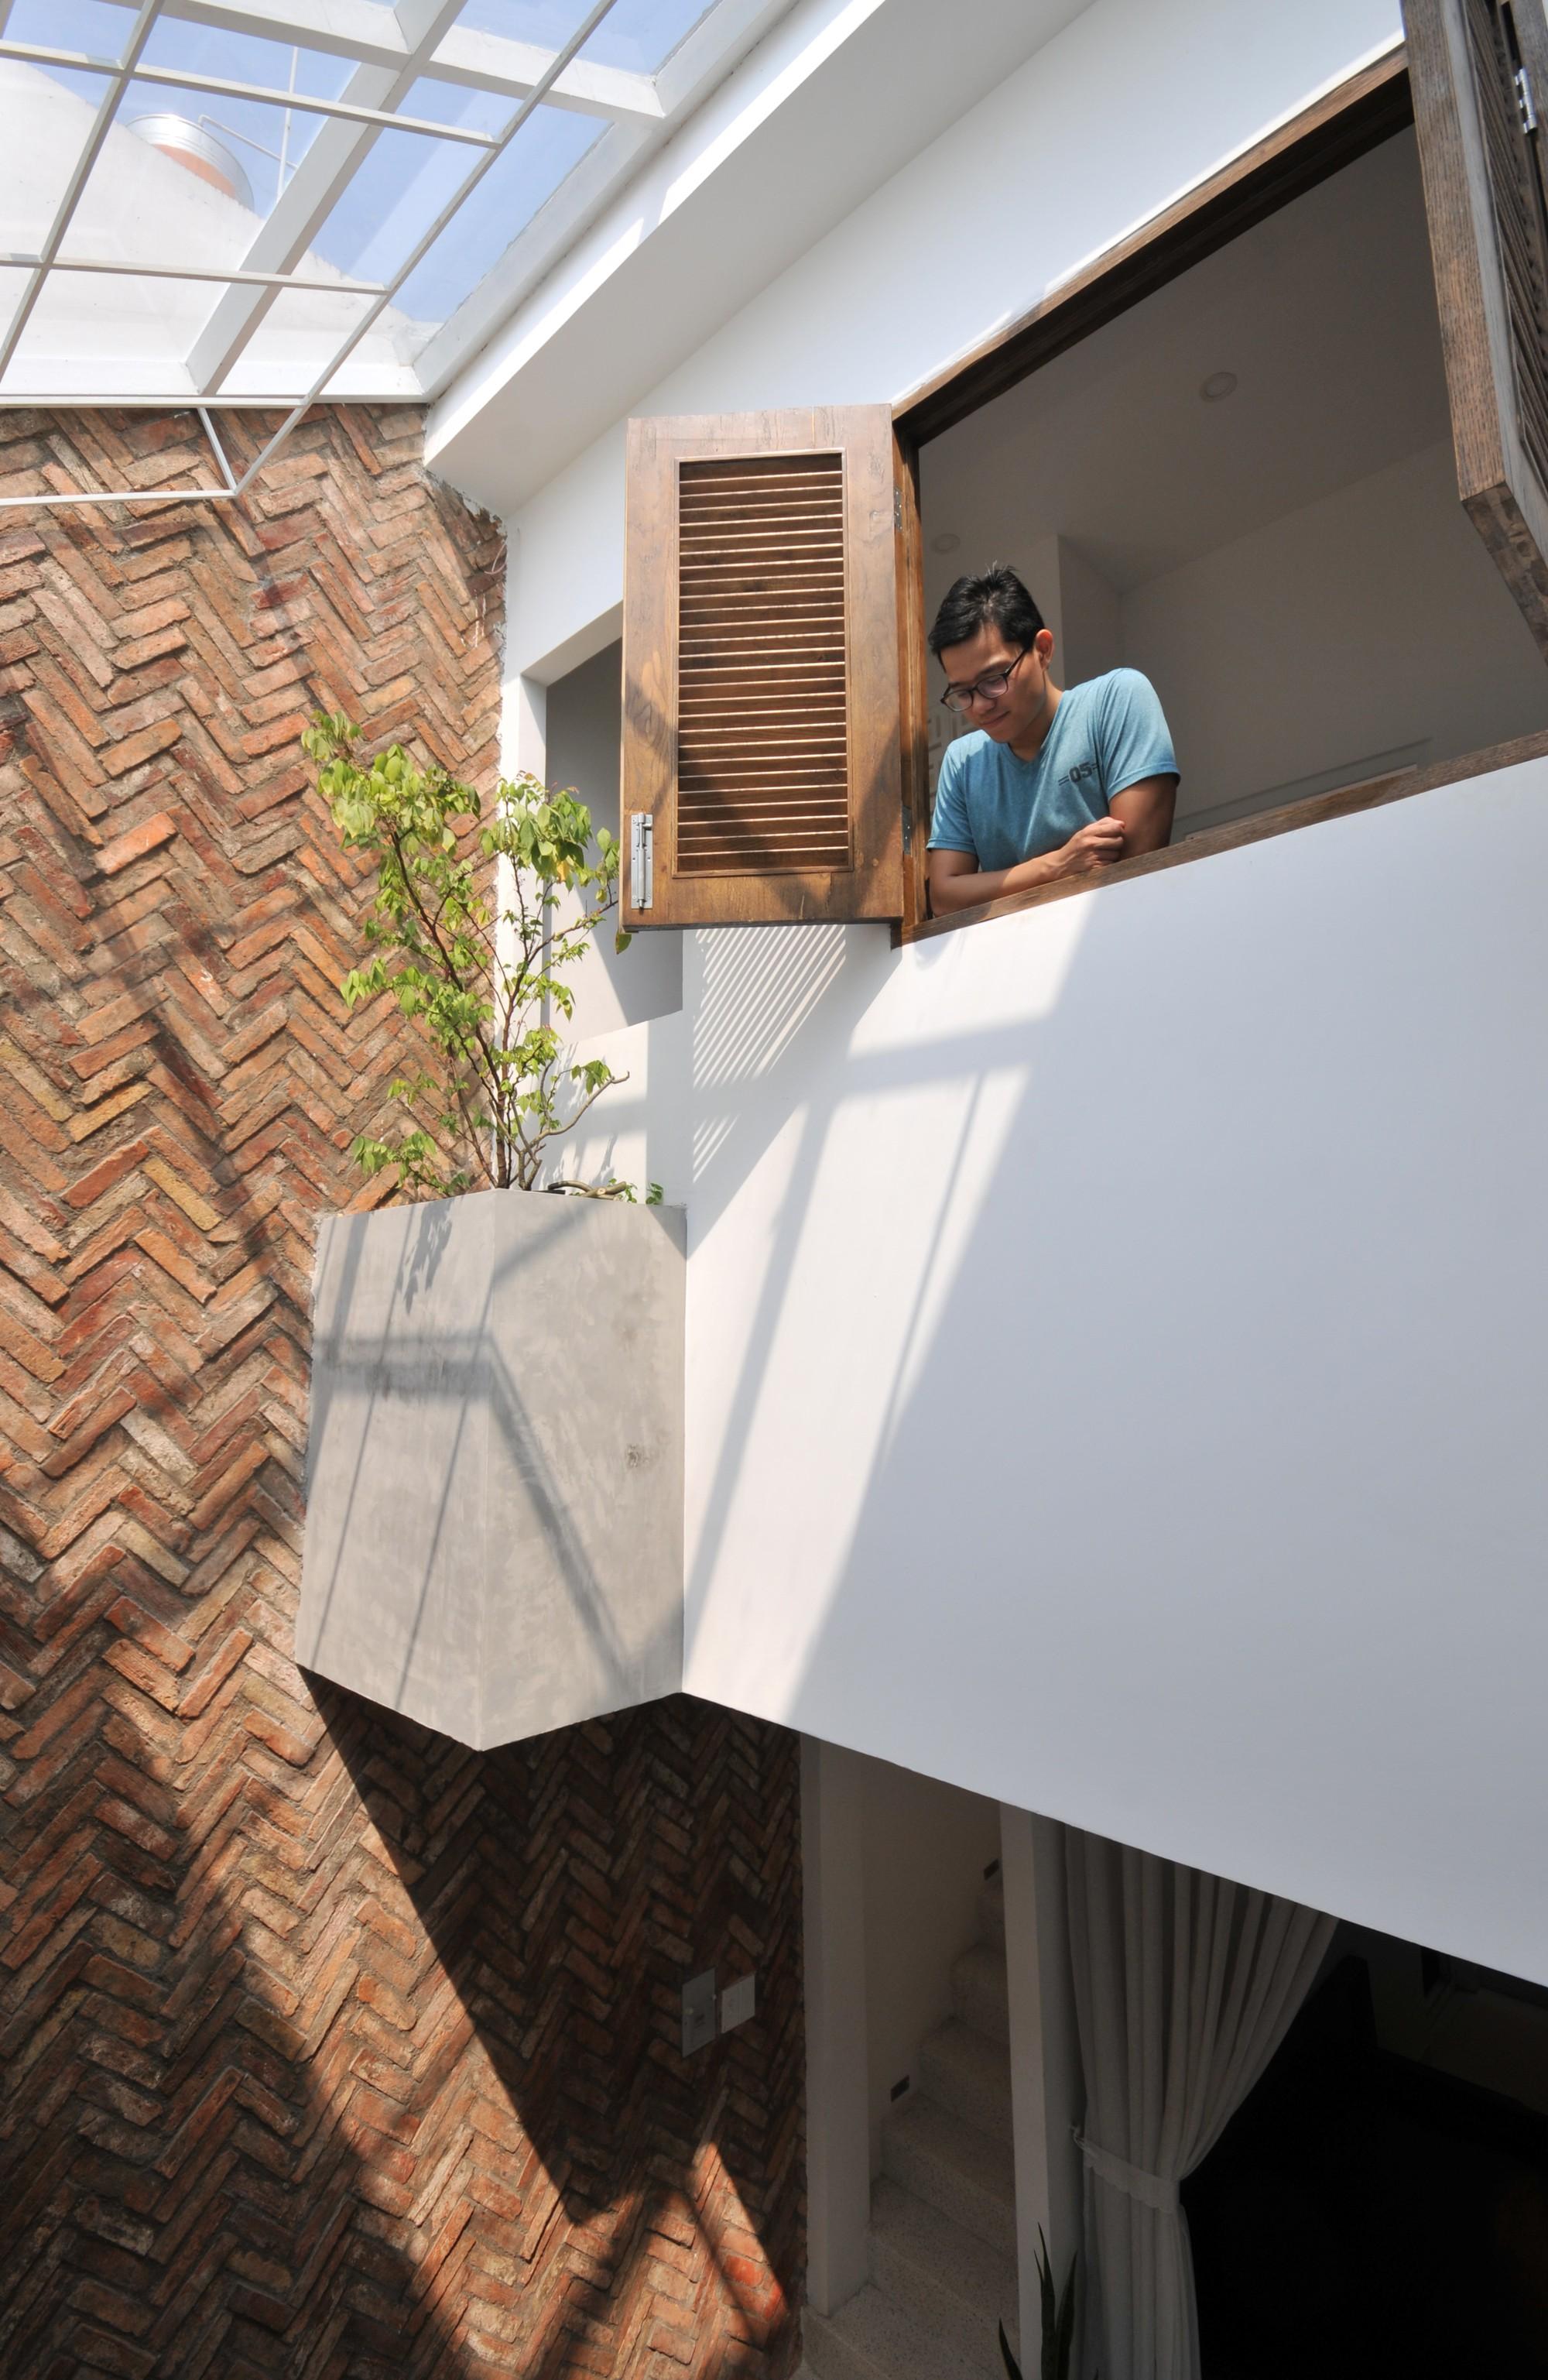 Câu chuyện về mảnh đất giá 10 ngàn rưỡi và ngôi nhà ống trong hẻm có thiết kế cực hợp lý ở Sài Gòn - Ảnh 8.